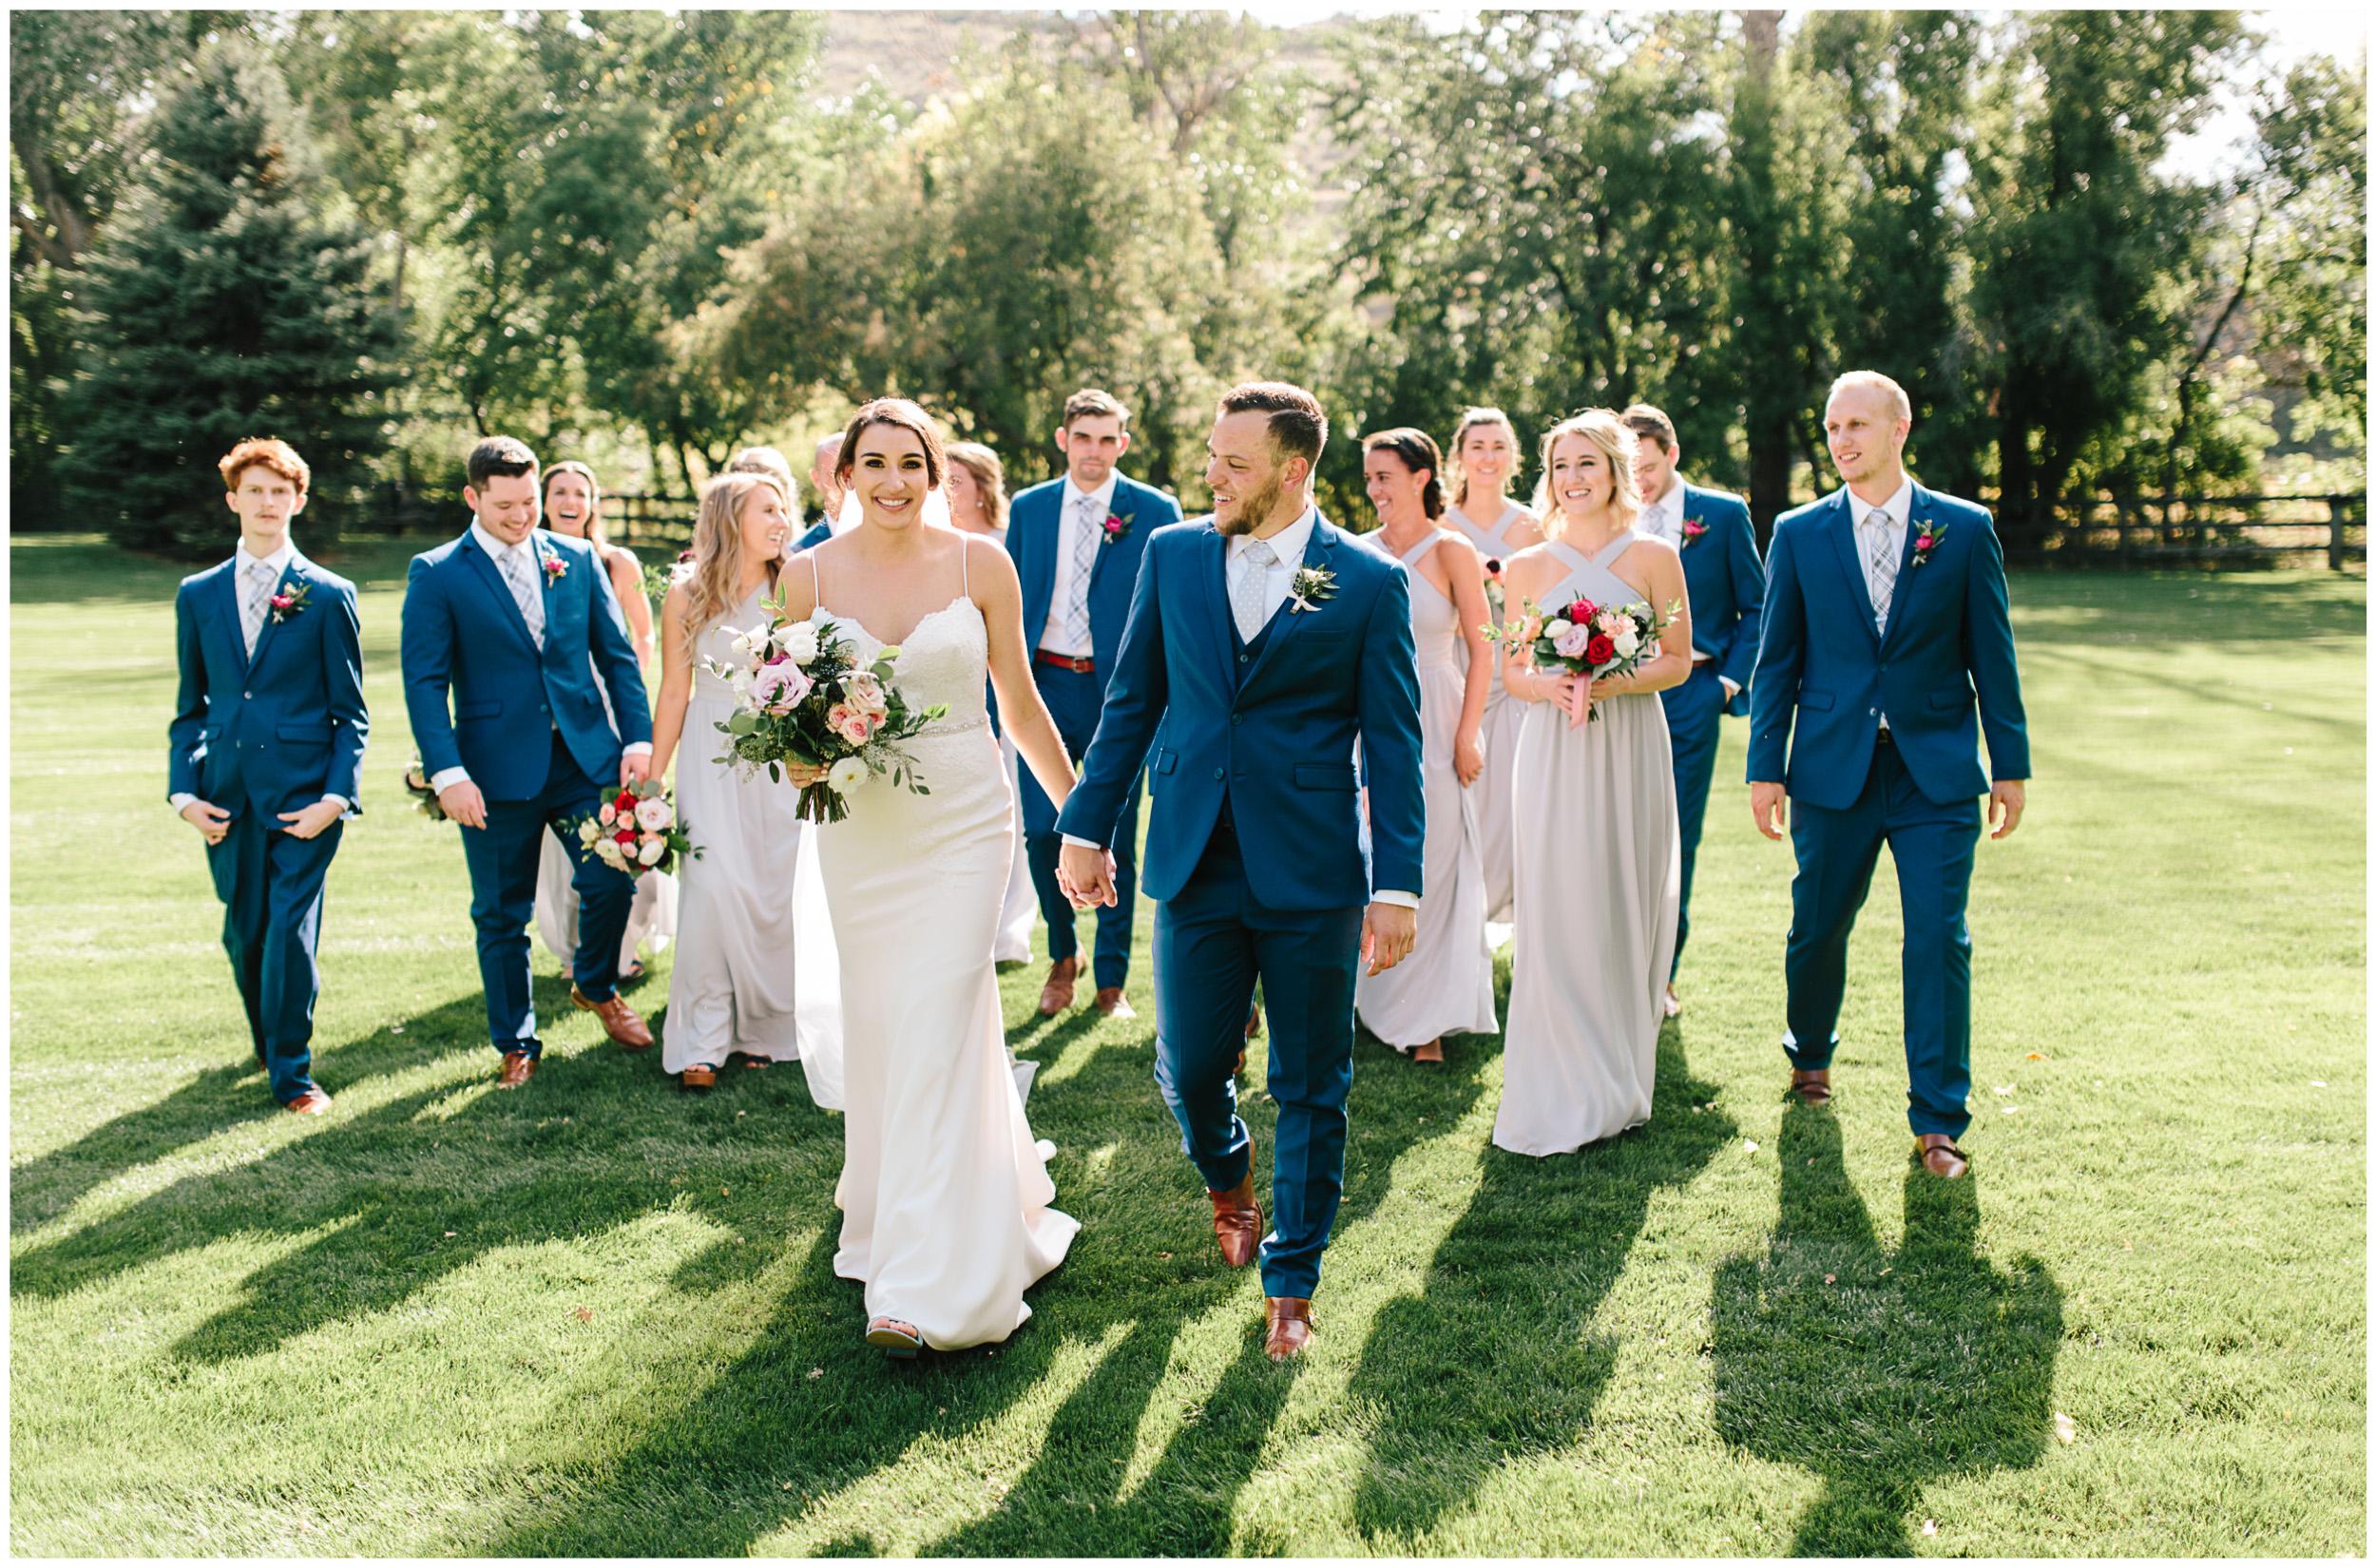 Morrison_Colorado_Wedding_44.jpg